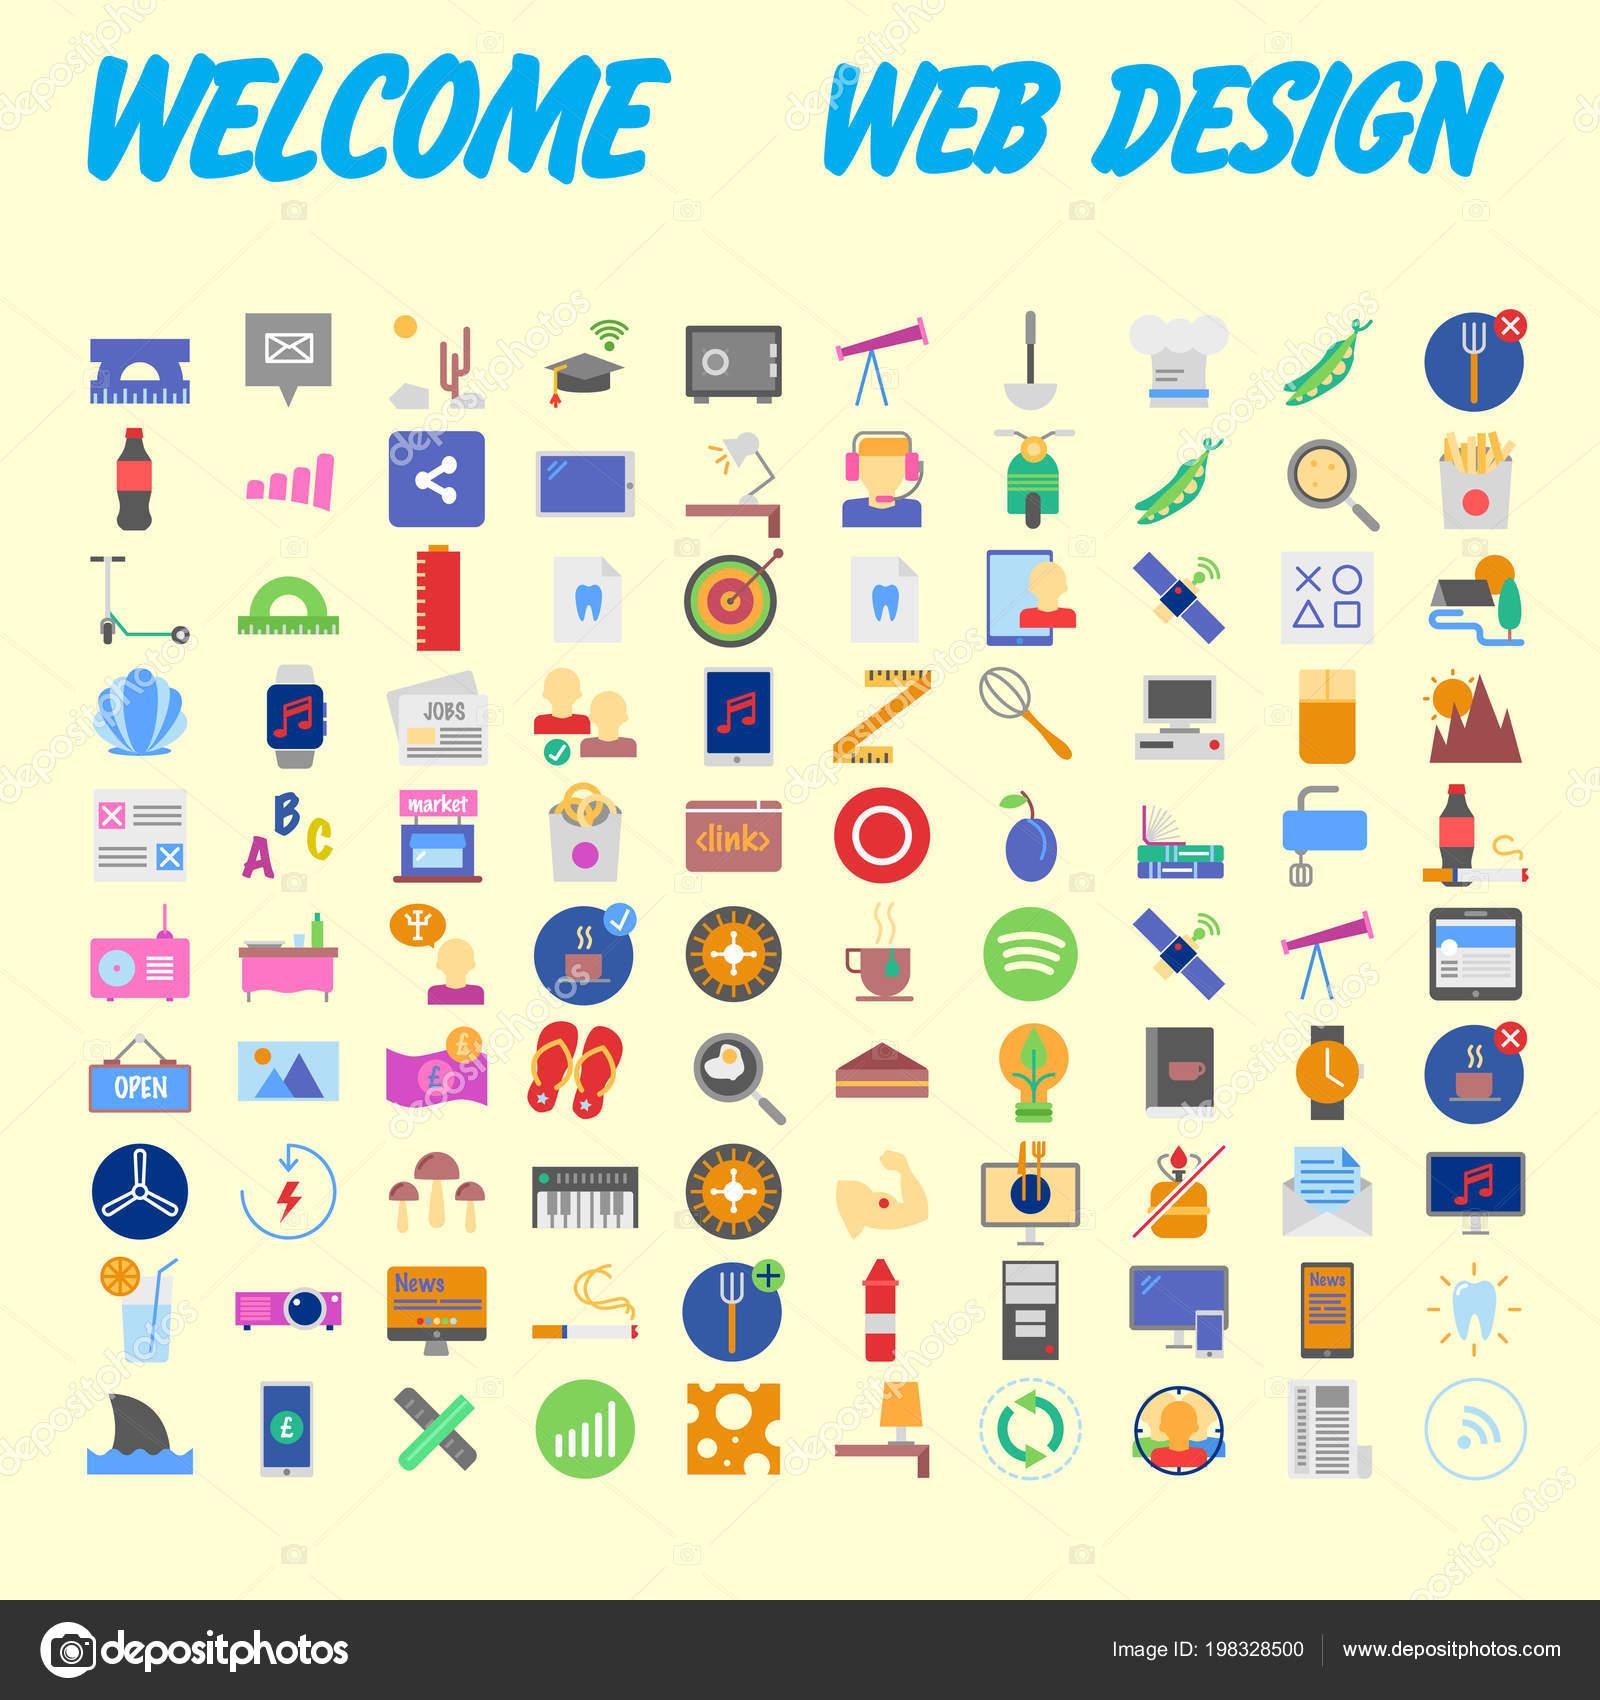 da489f854d Semplice set di design di icone dello shopping online. Contiene ad esempio  negozio mobile, pagamento, e-commerce, consegna e altro ancora. Pixel  Perfect.